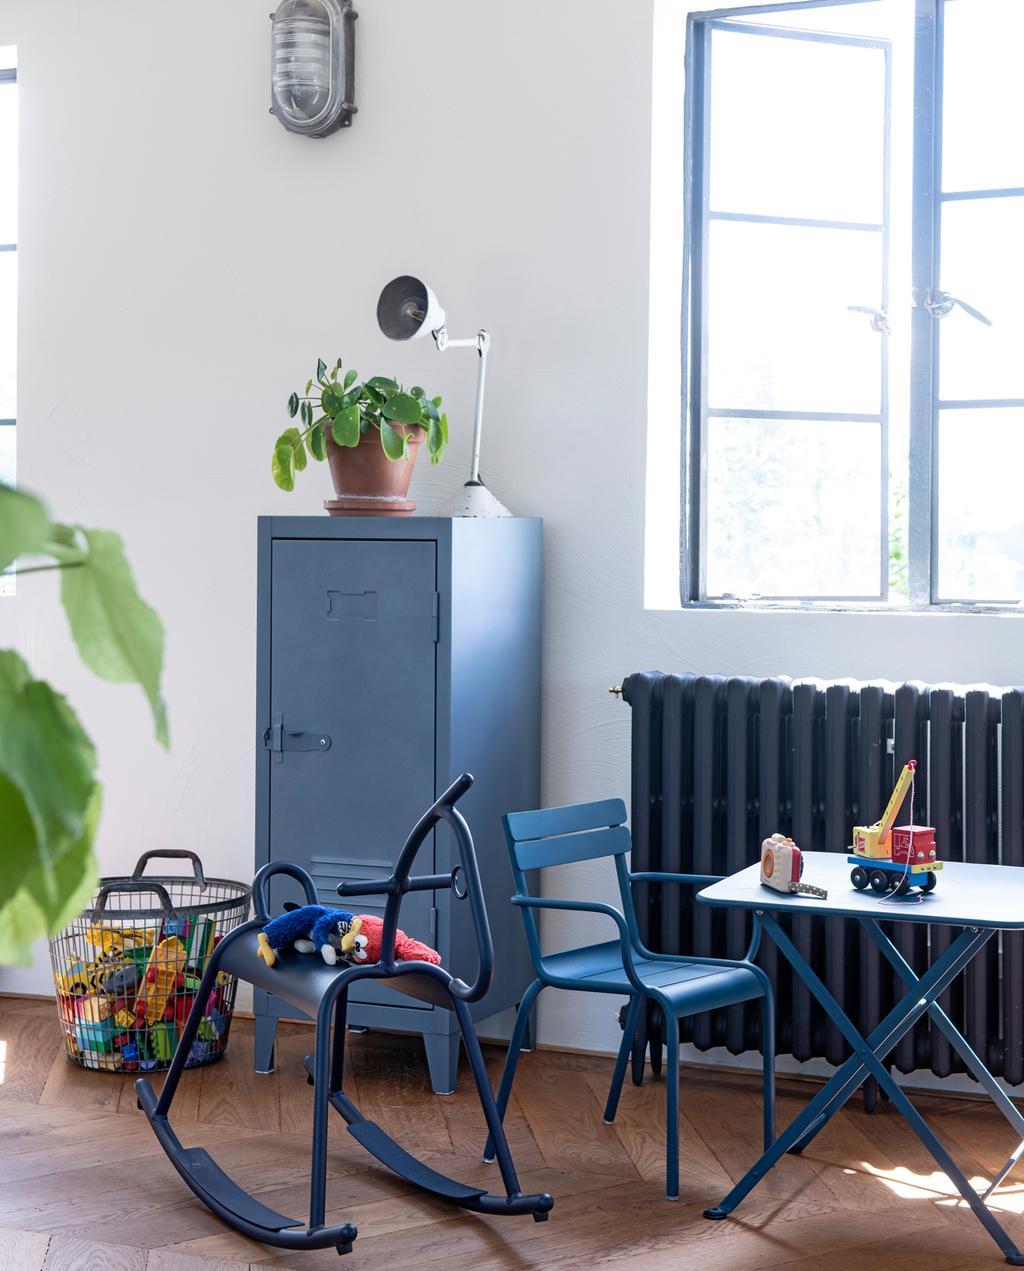 vtwonen binnenkijken special 2019 | kinderkamer blauwe meubels